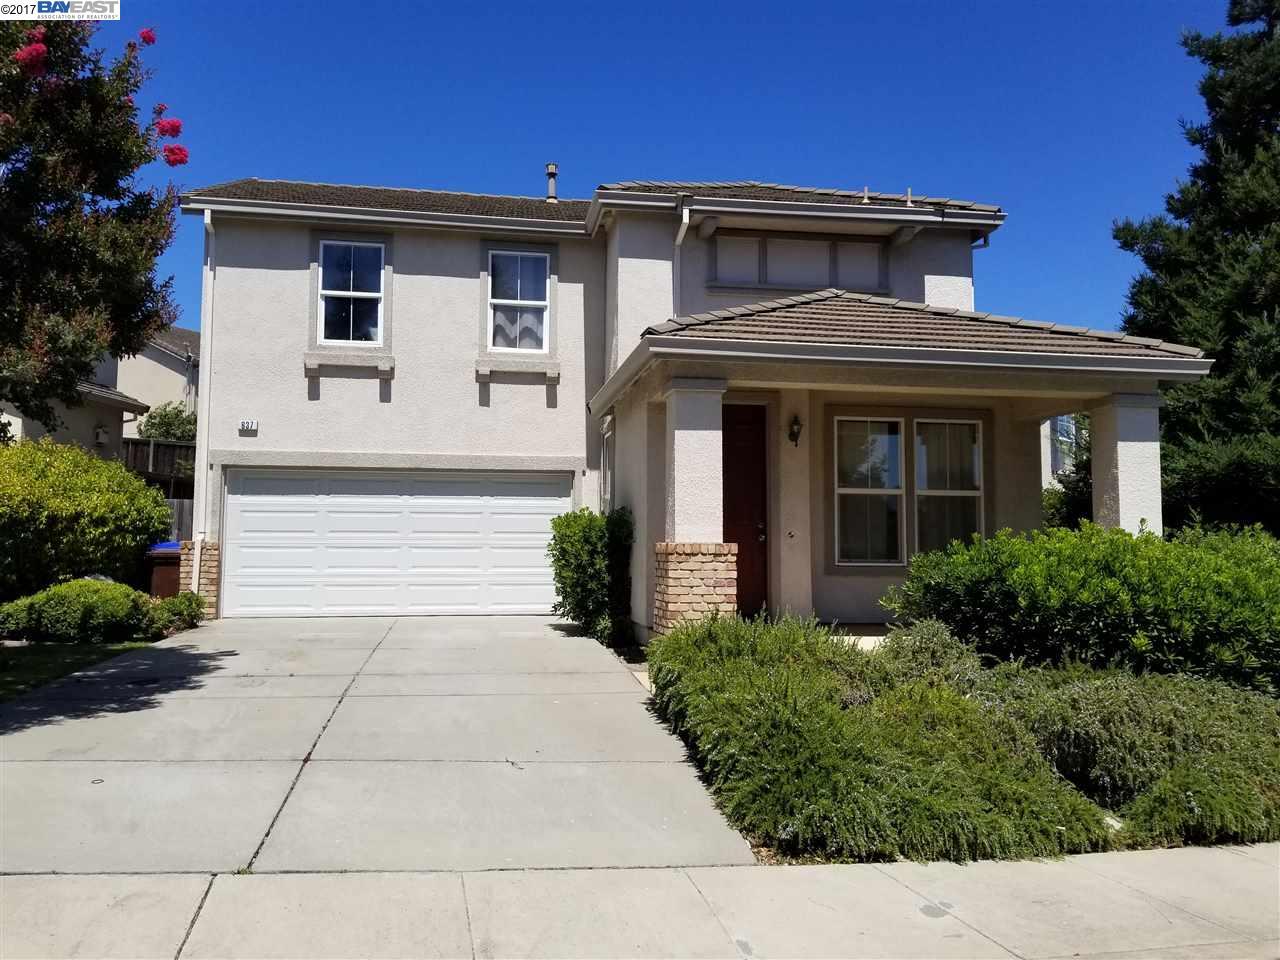 Maison unifamiliale pour l Vente à 637 Carlotta Circle Pinole, Californie 94564 États-Unis